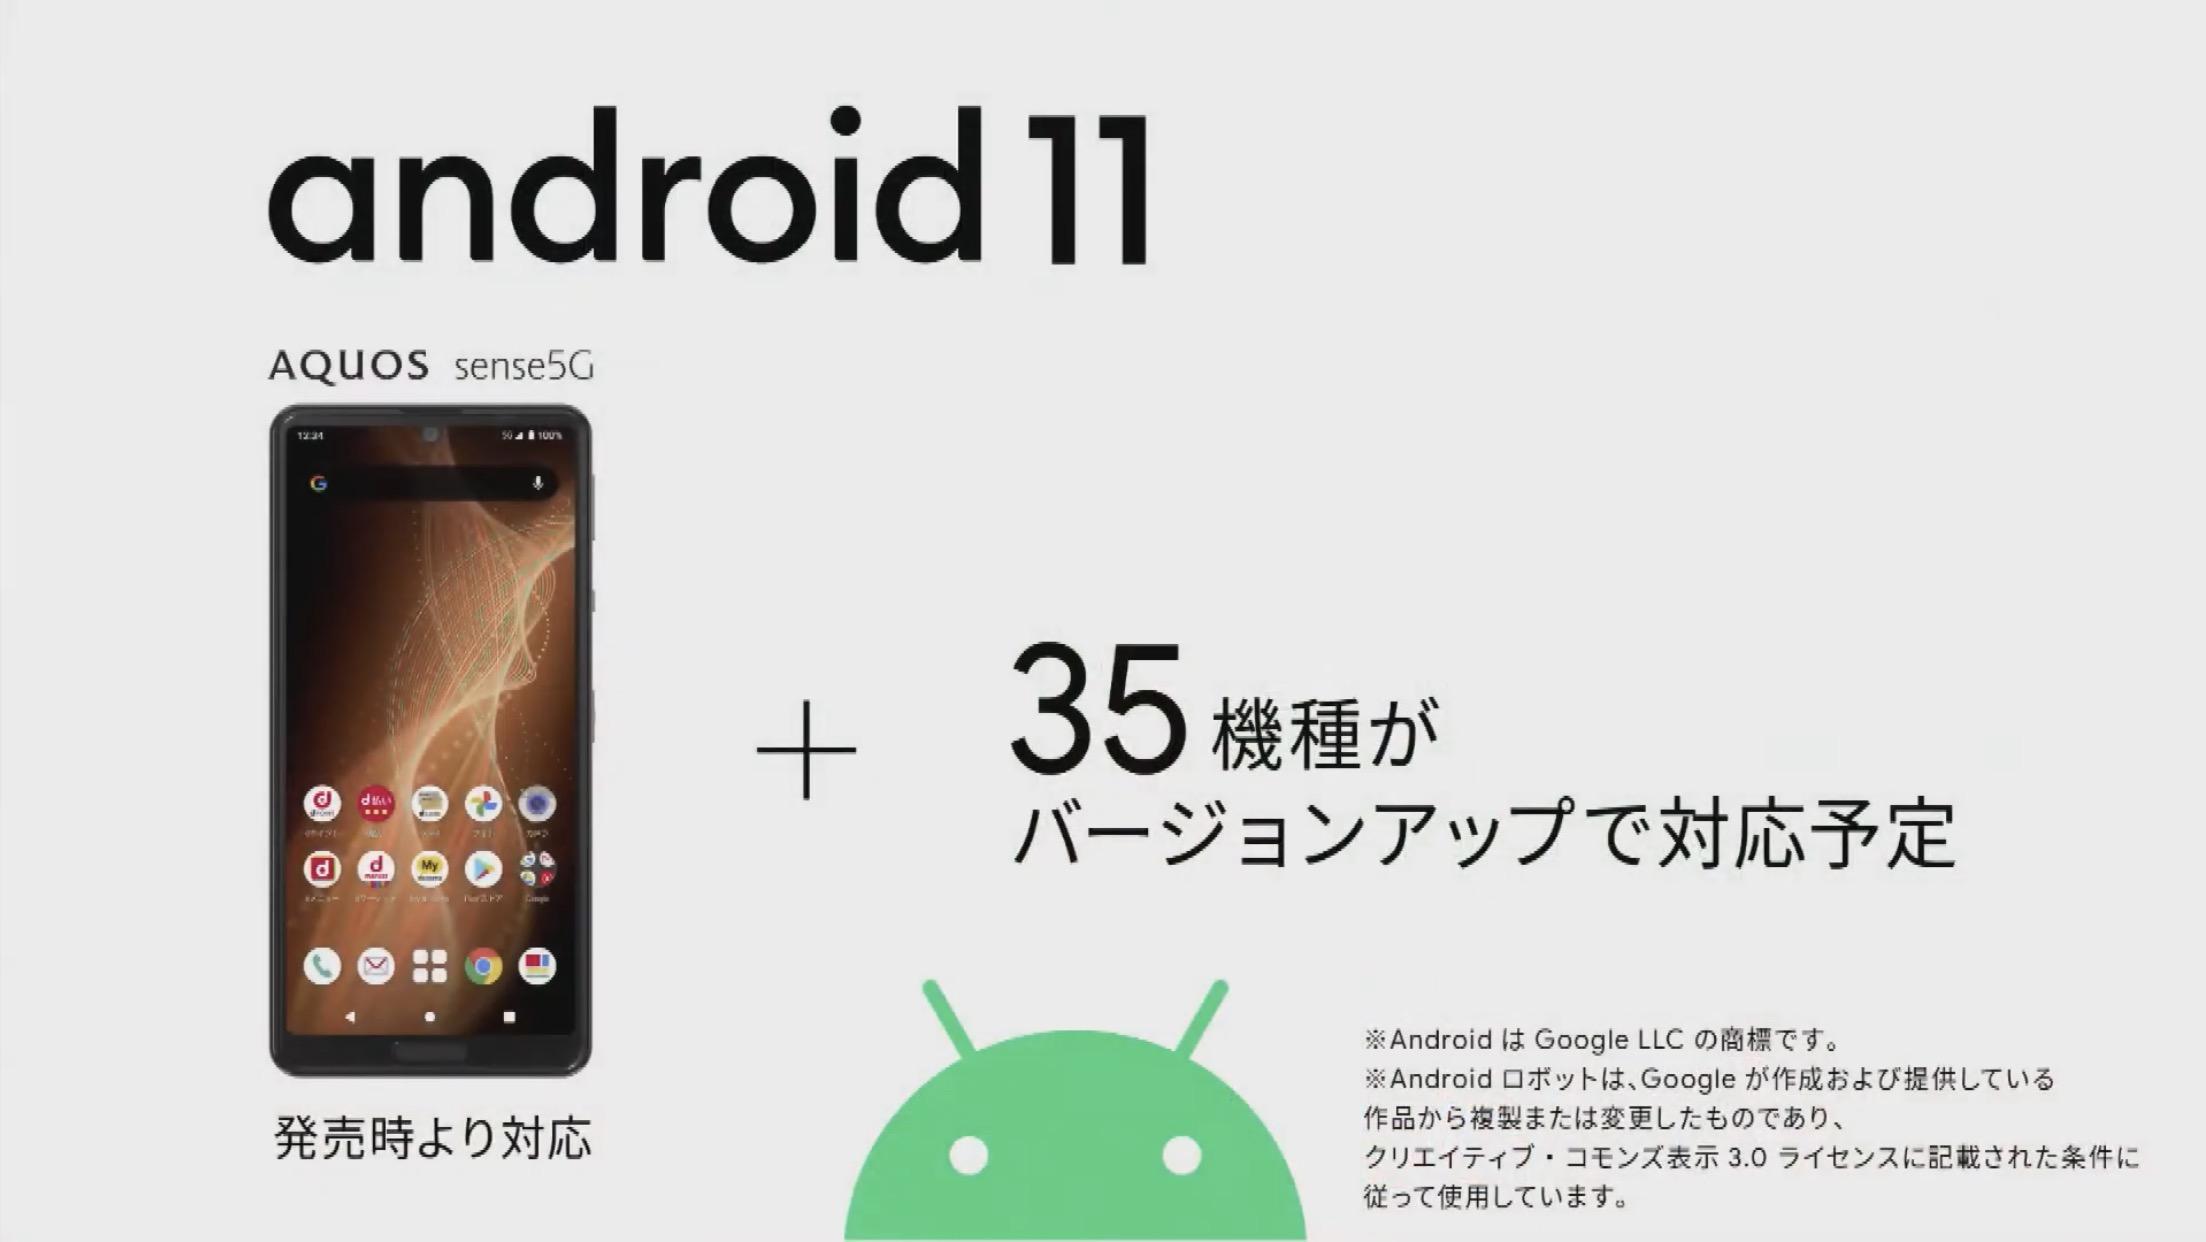 ドコモ、Android 11にアップデート予定の35機種を発表